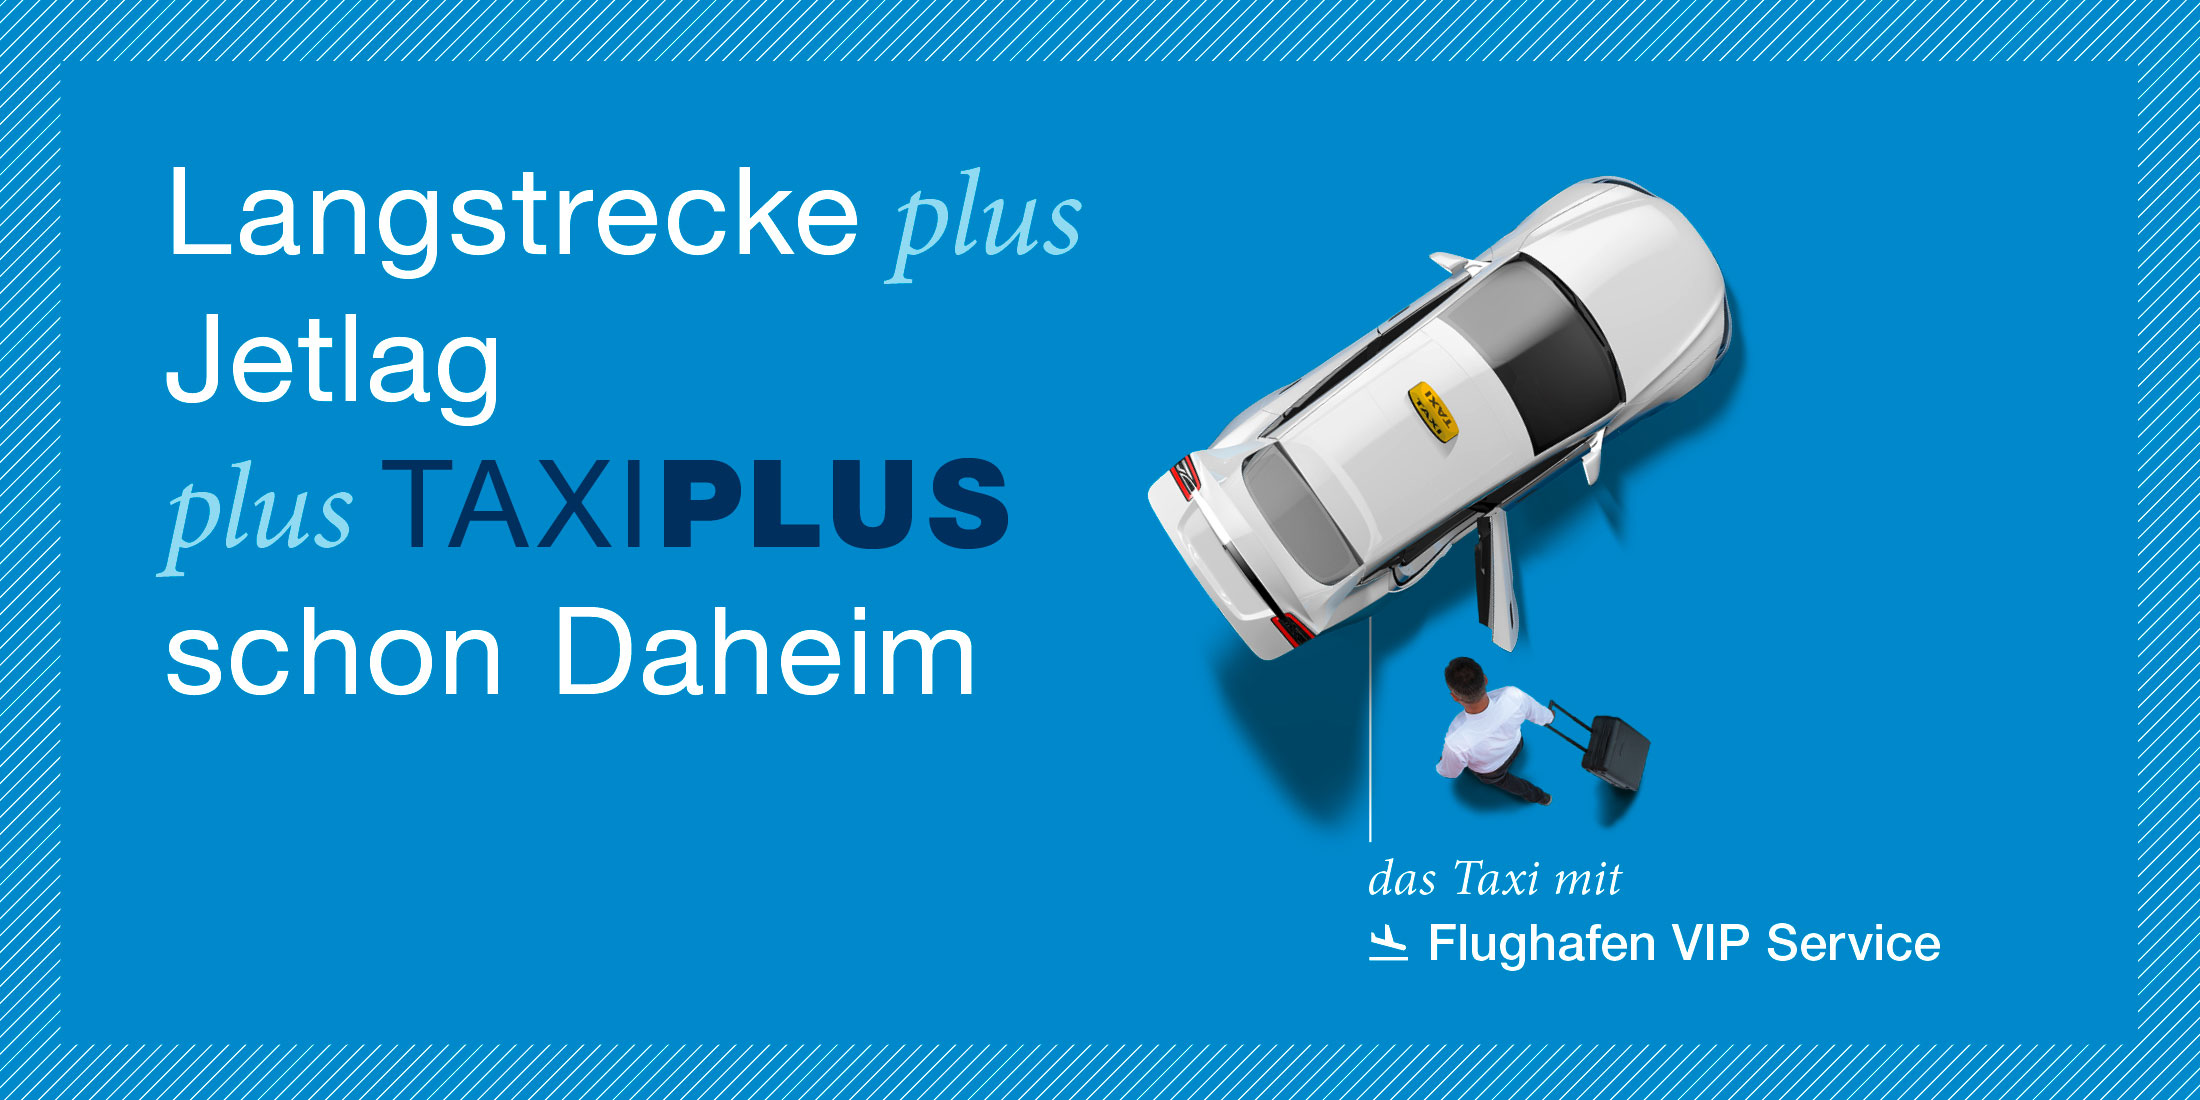 Es ist ein Werbesujet von TaxiPlus zu sehen. Die Headline lautet Langstrecke plus Jetlag plus TAXIPLUS schon Daheim. Zu sehen ist ein TaxiPlus aus der Vogelperspektive. Ein Lenker zieht einen Koffer zum offenen Kofferraum. Ein Pfeil zeigt auf das Fahrzeug mit der Nachricht